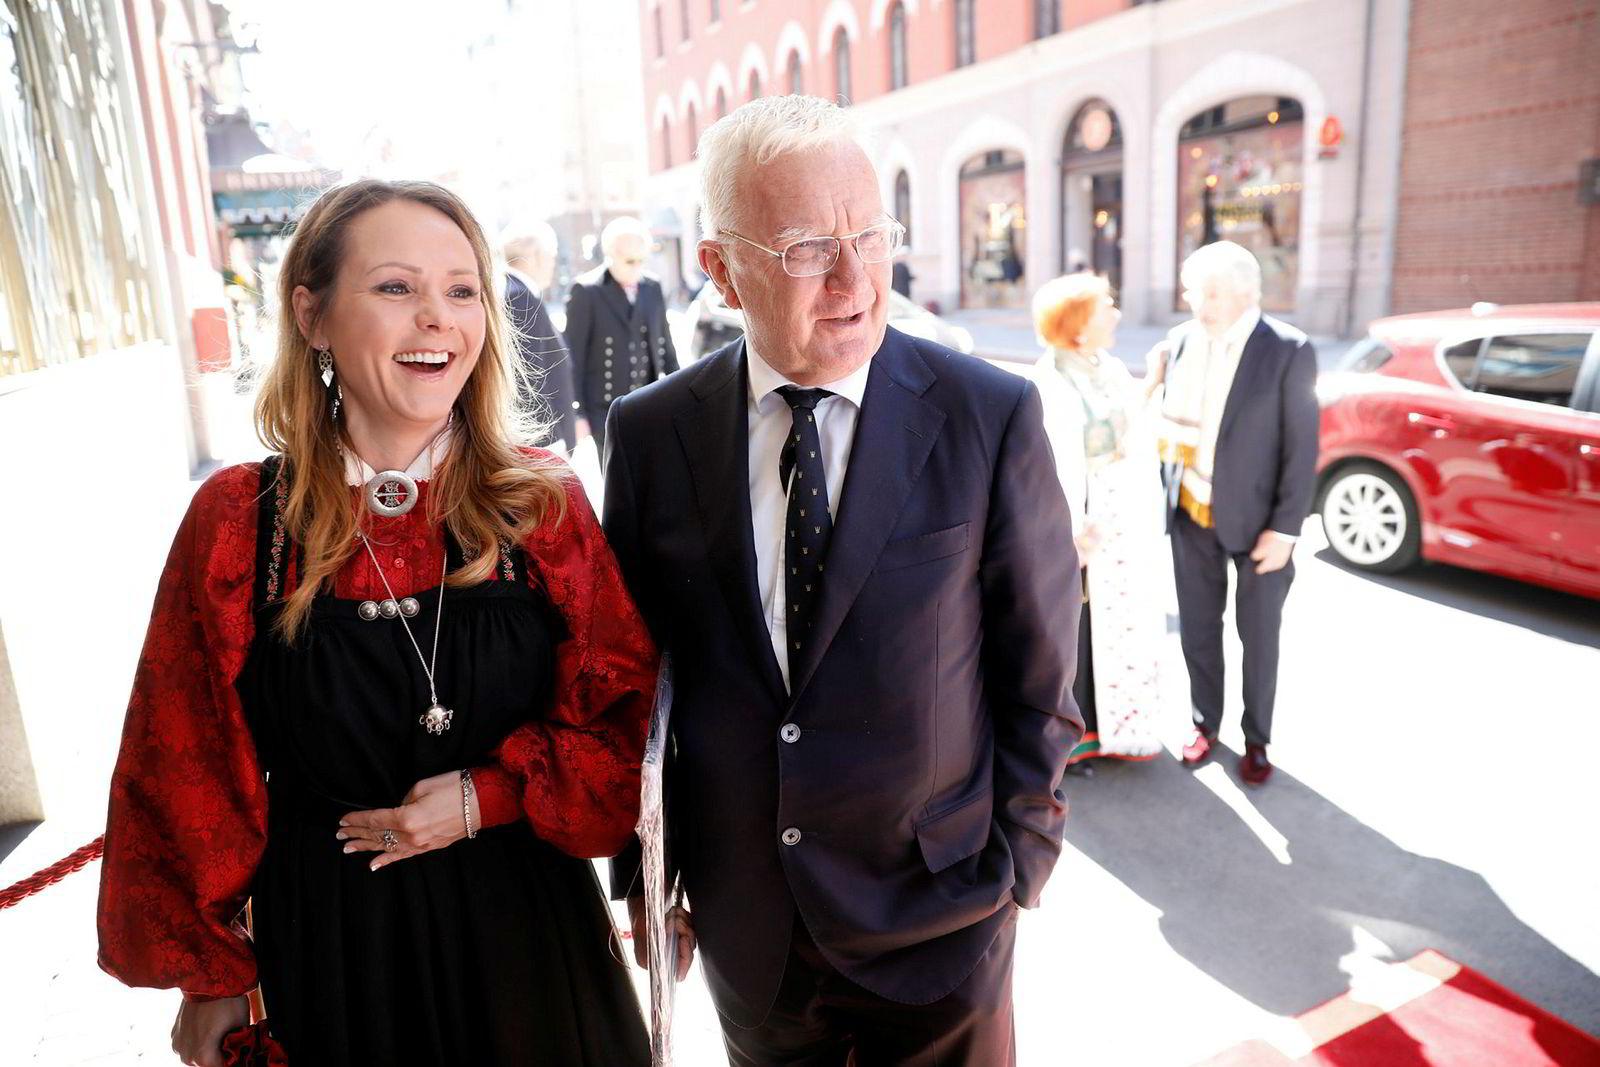 Linda Cathrine Helleland og Trygve Hegnar var blant gjestene da Sissel Berdal Haga og Olav Thon giftet seg på Hotel Bristol i Oslo fredag formiddag. Under armen holder Hegnar forsiden av Kapital som prydes av den 95 år gamle gifteklare Olav Thon